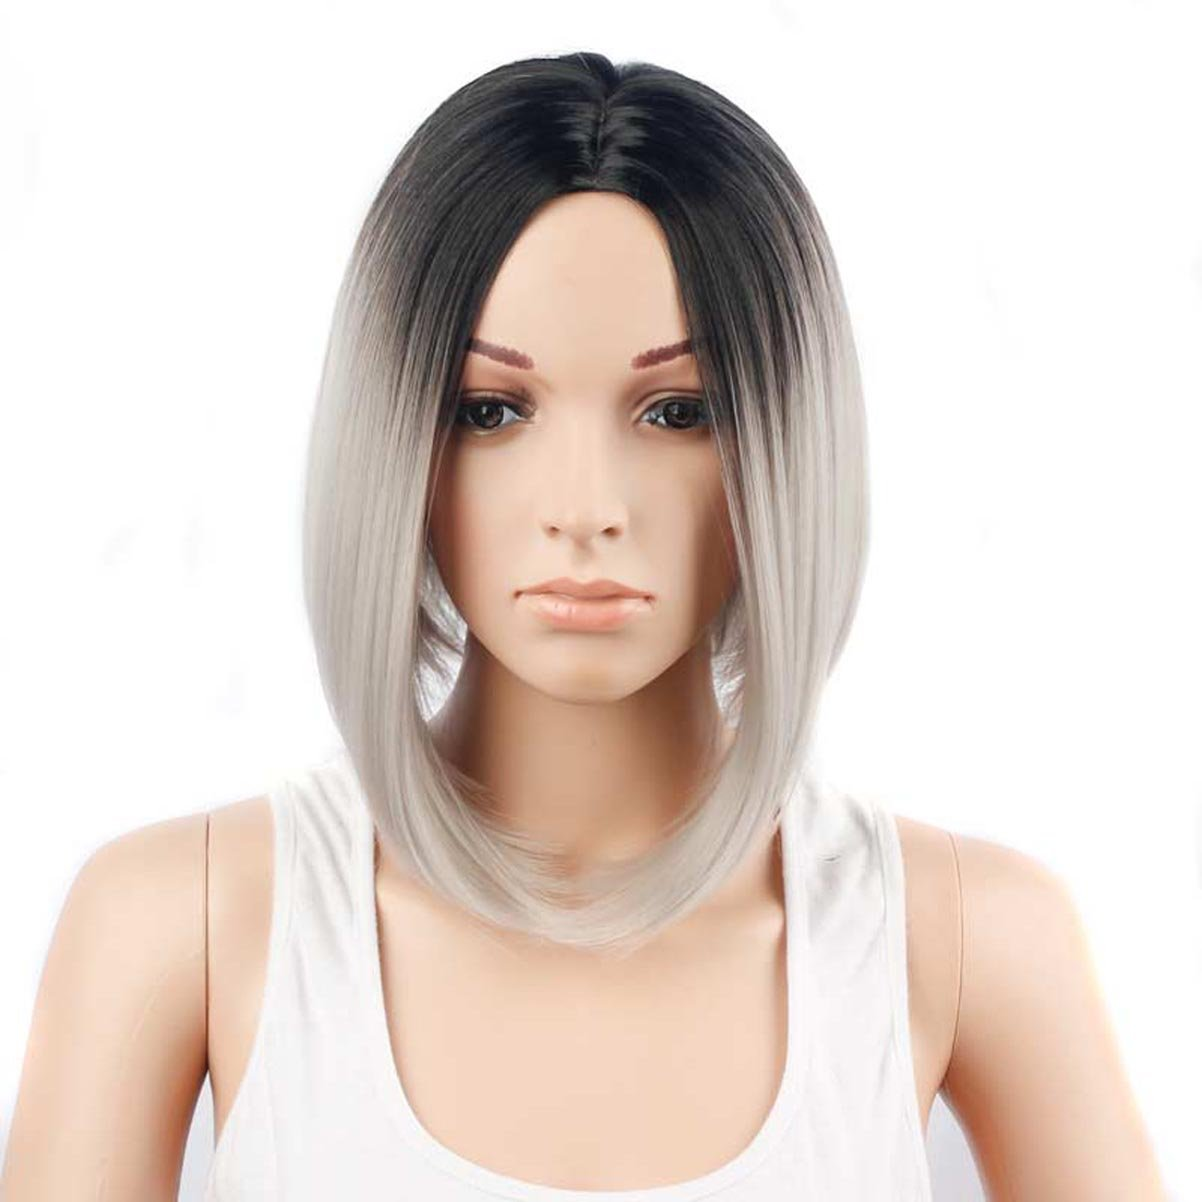 Peluca Corta Para Mujer , Corte Bob Productos De Pelo SintéTico Como Real Pelo - HaoXuan (Negro + gris) HaoXuan-123 M·SY Wig Cosplay